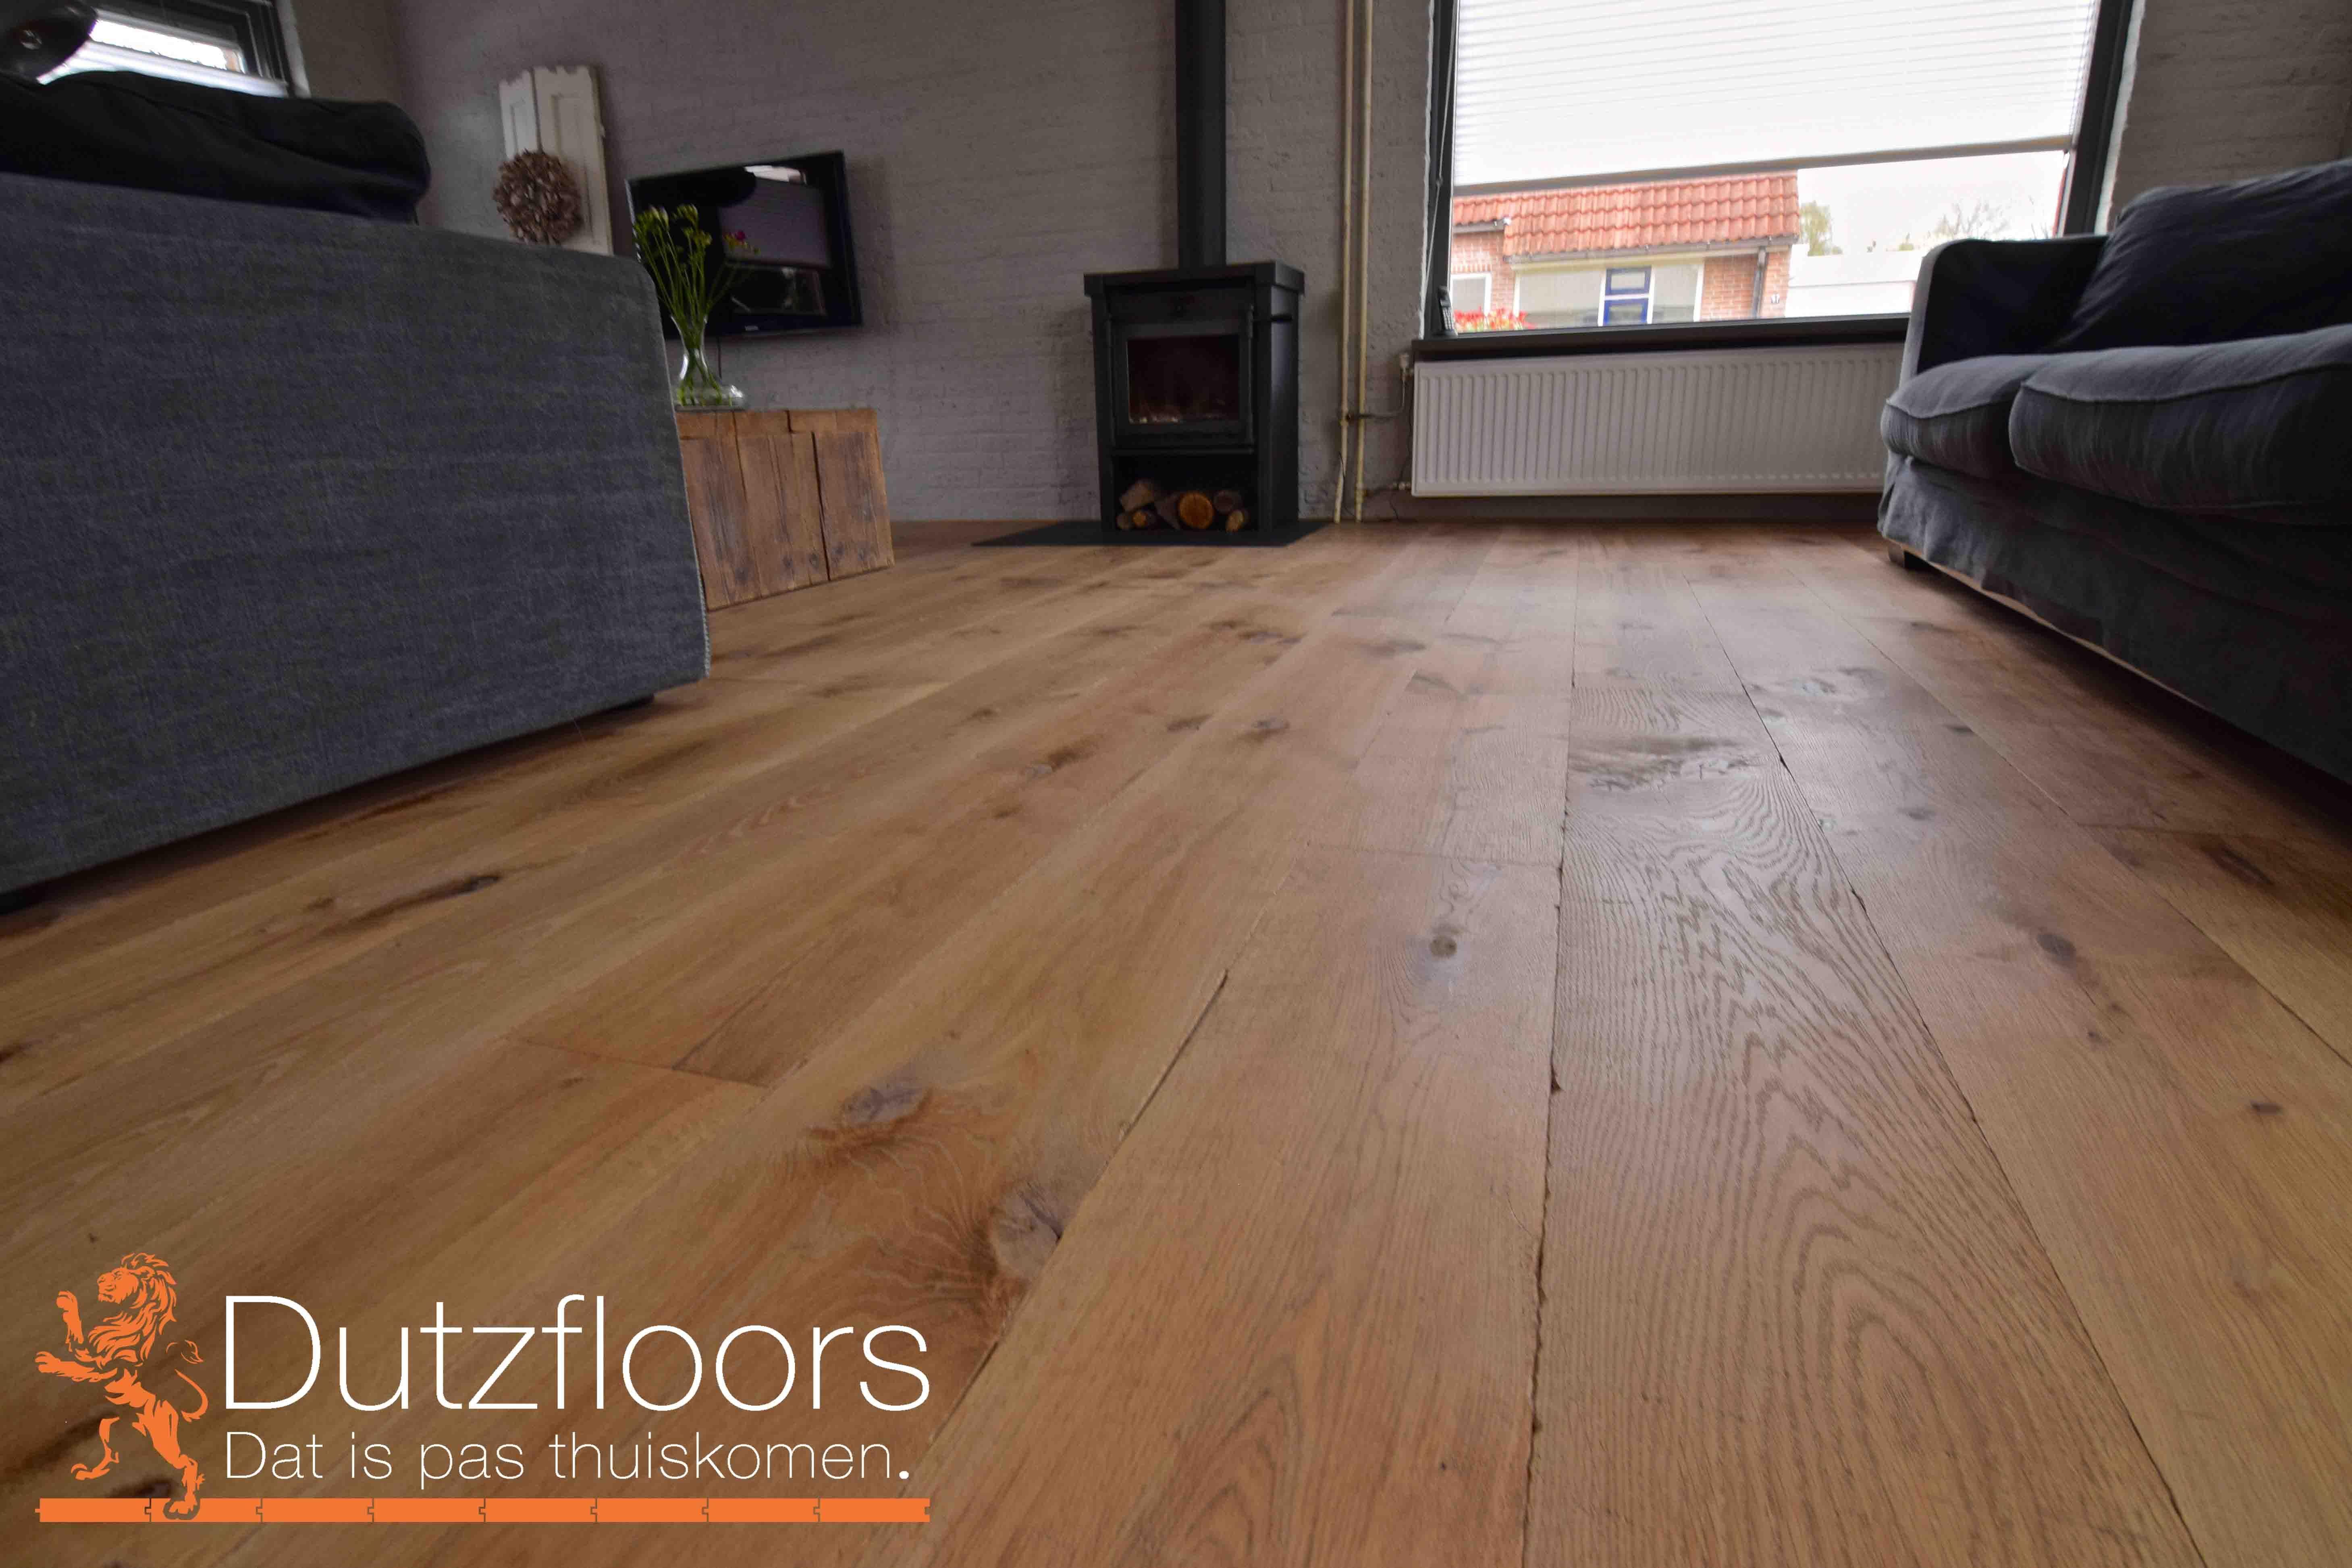 Europees eiken houten vloer zwaar verouderd zonder v groef en